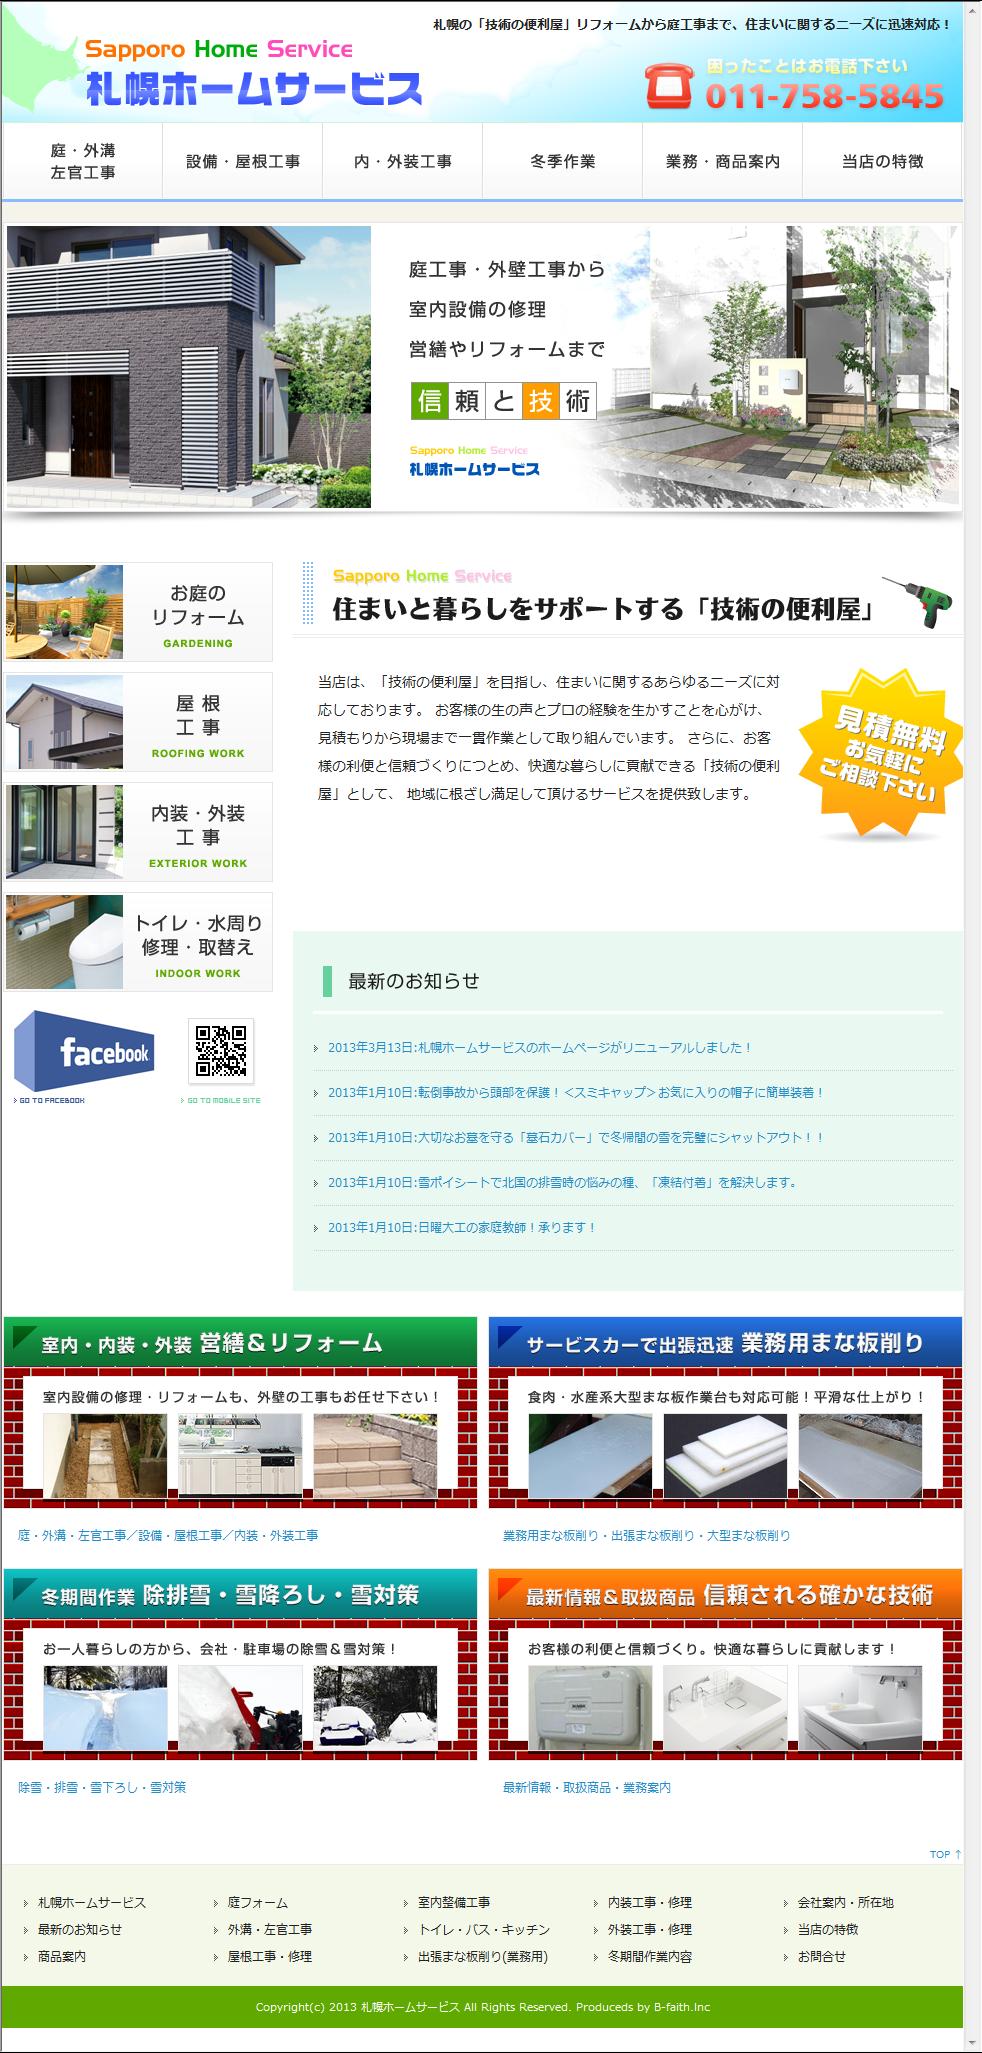 札幌ホームサービス